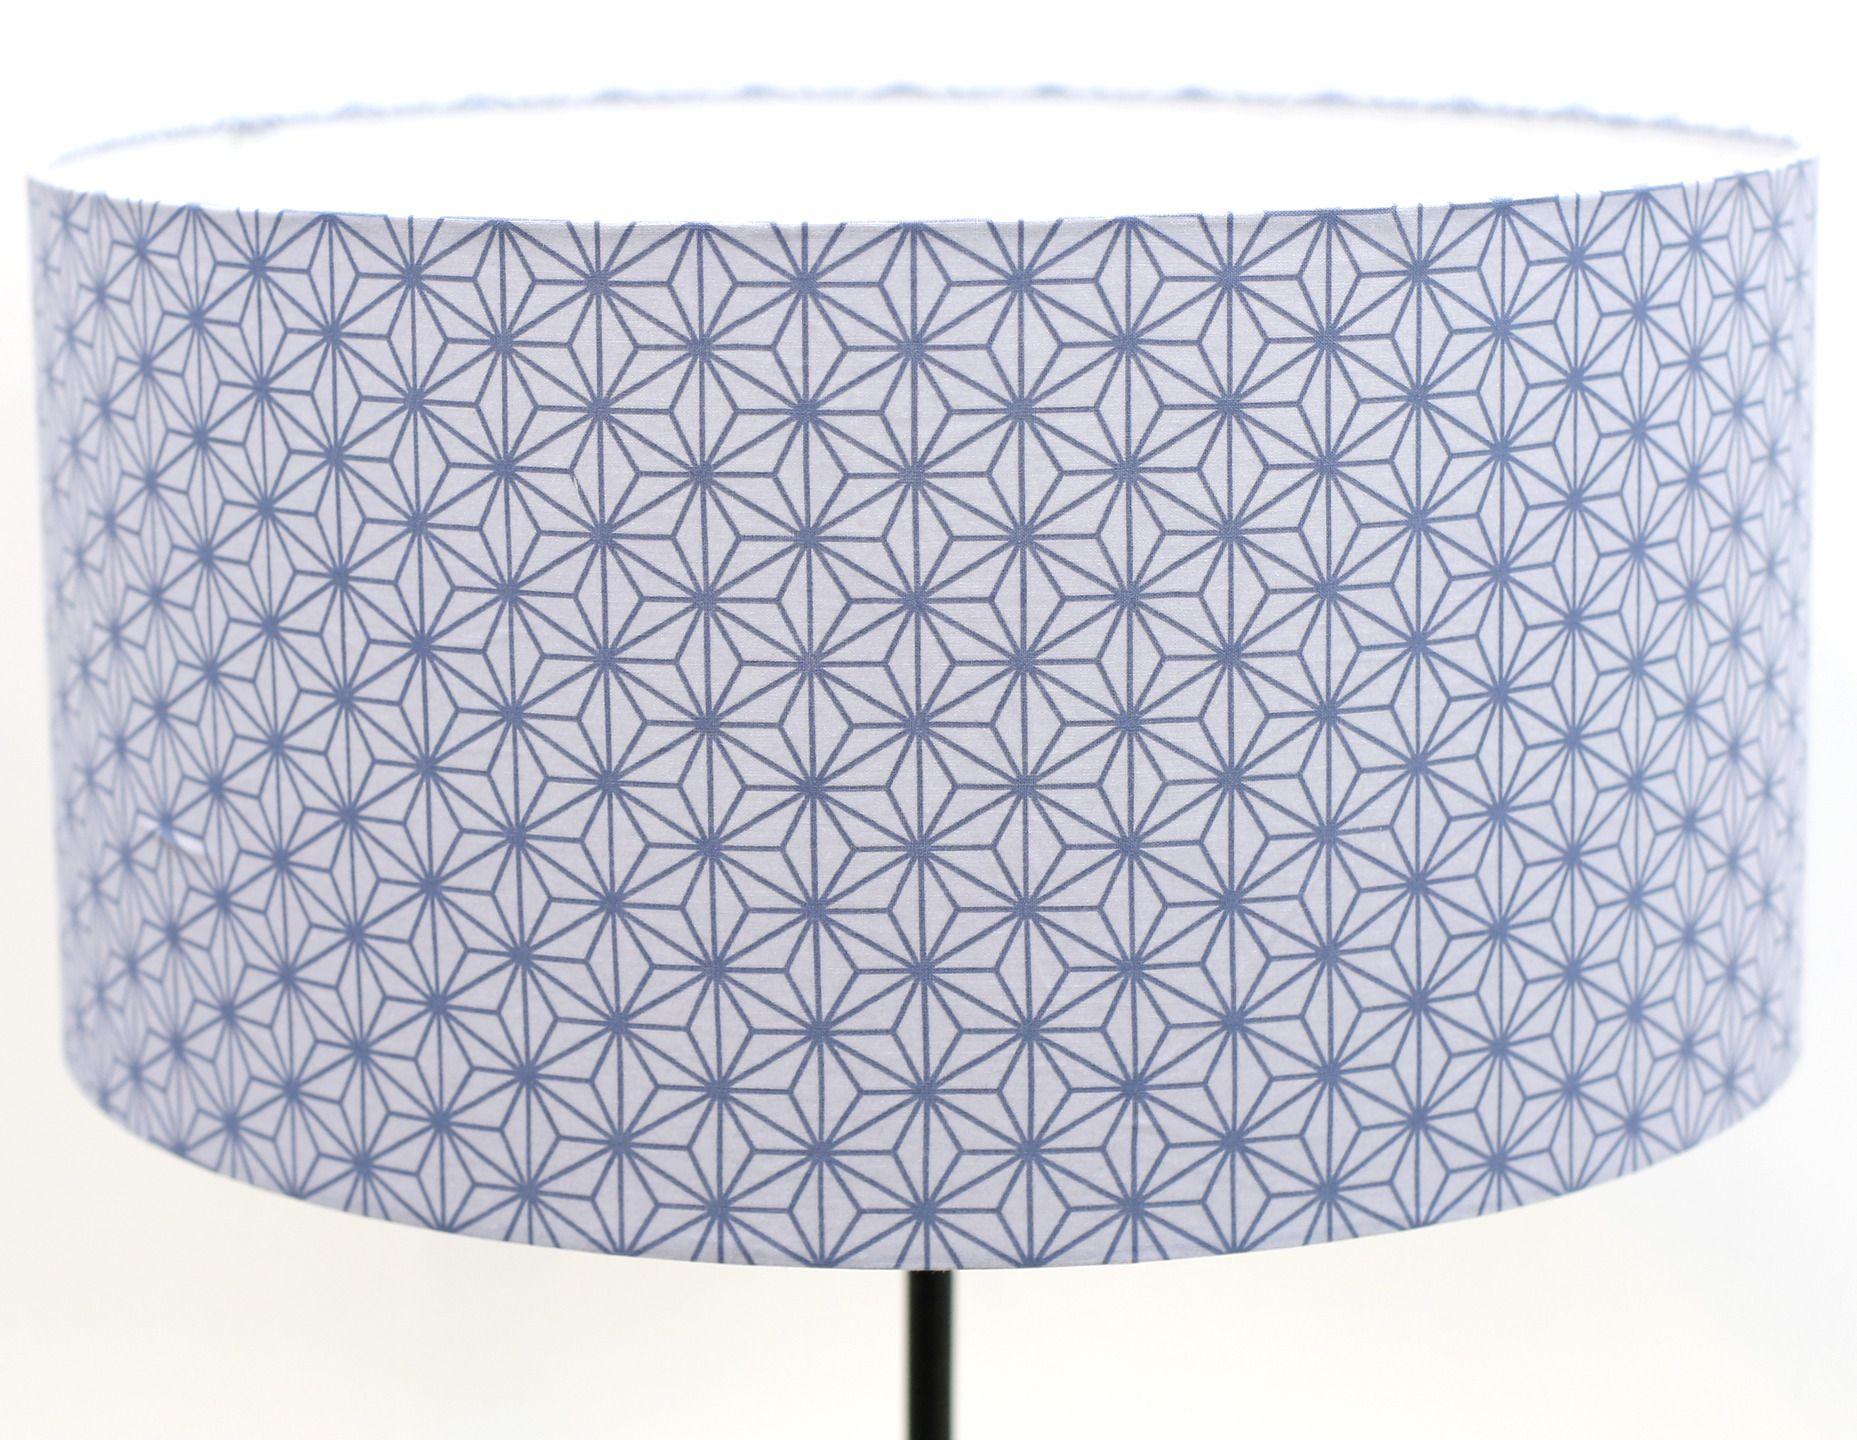 Abat jour ˜35 hauteur 20cm en tissu bleu motifs géométriques